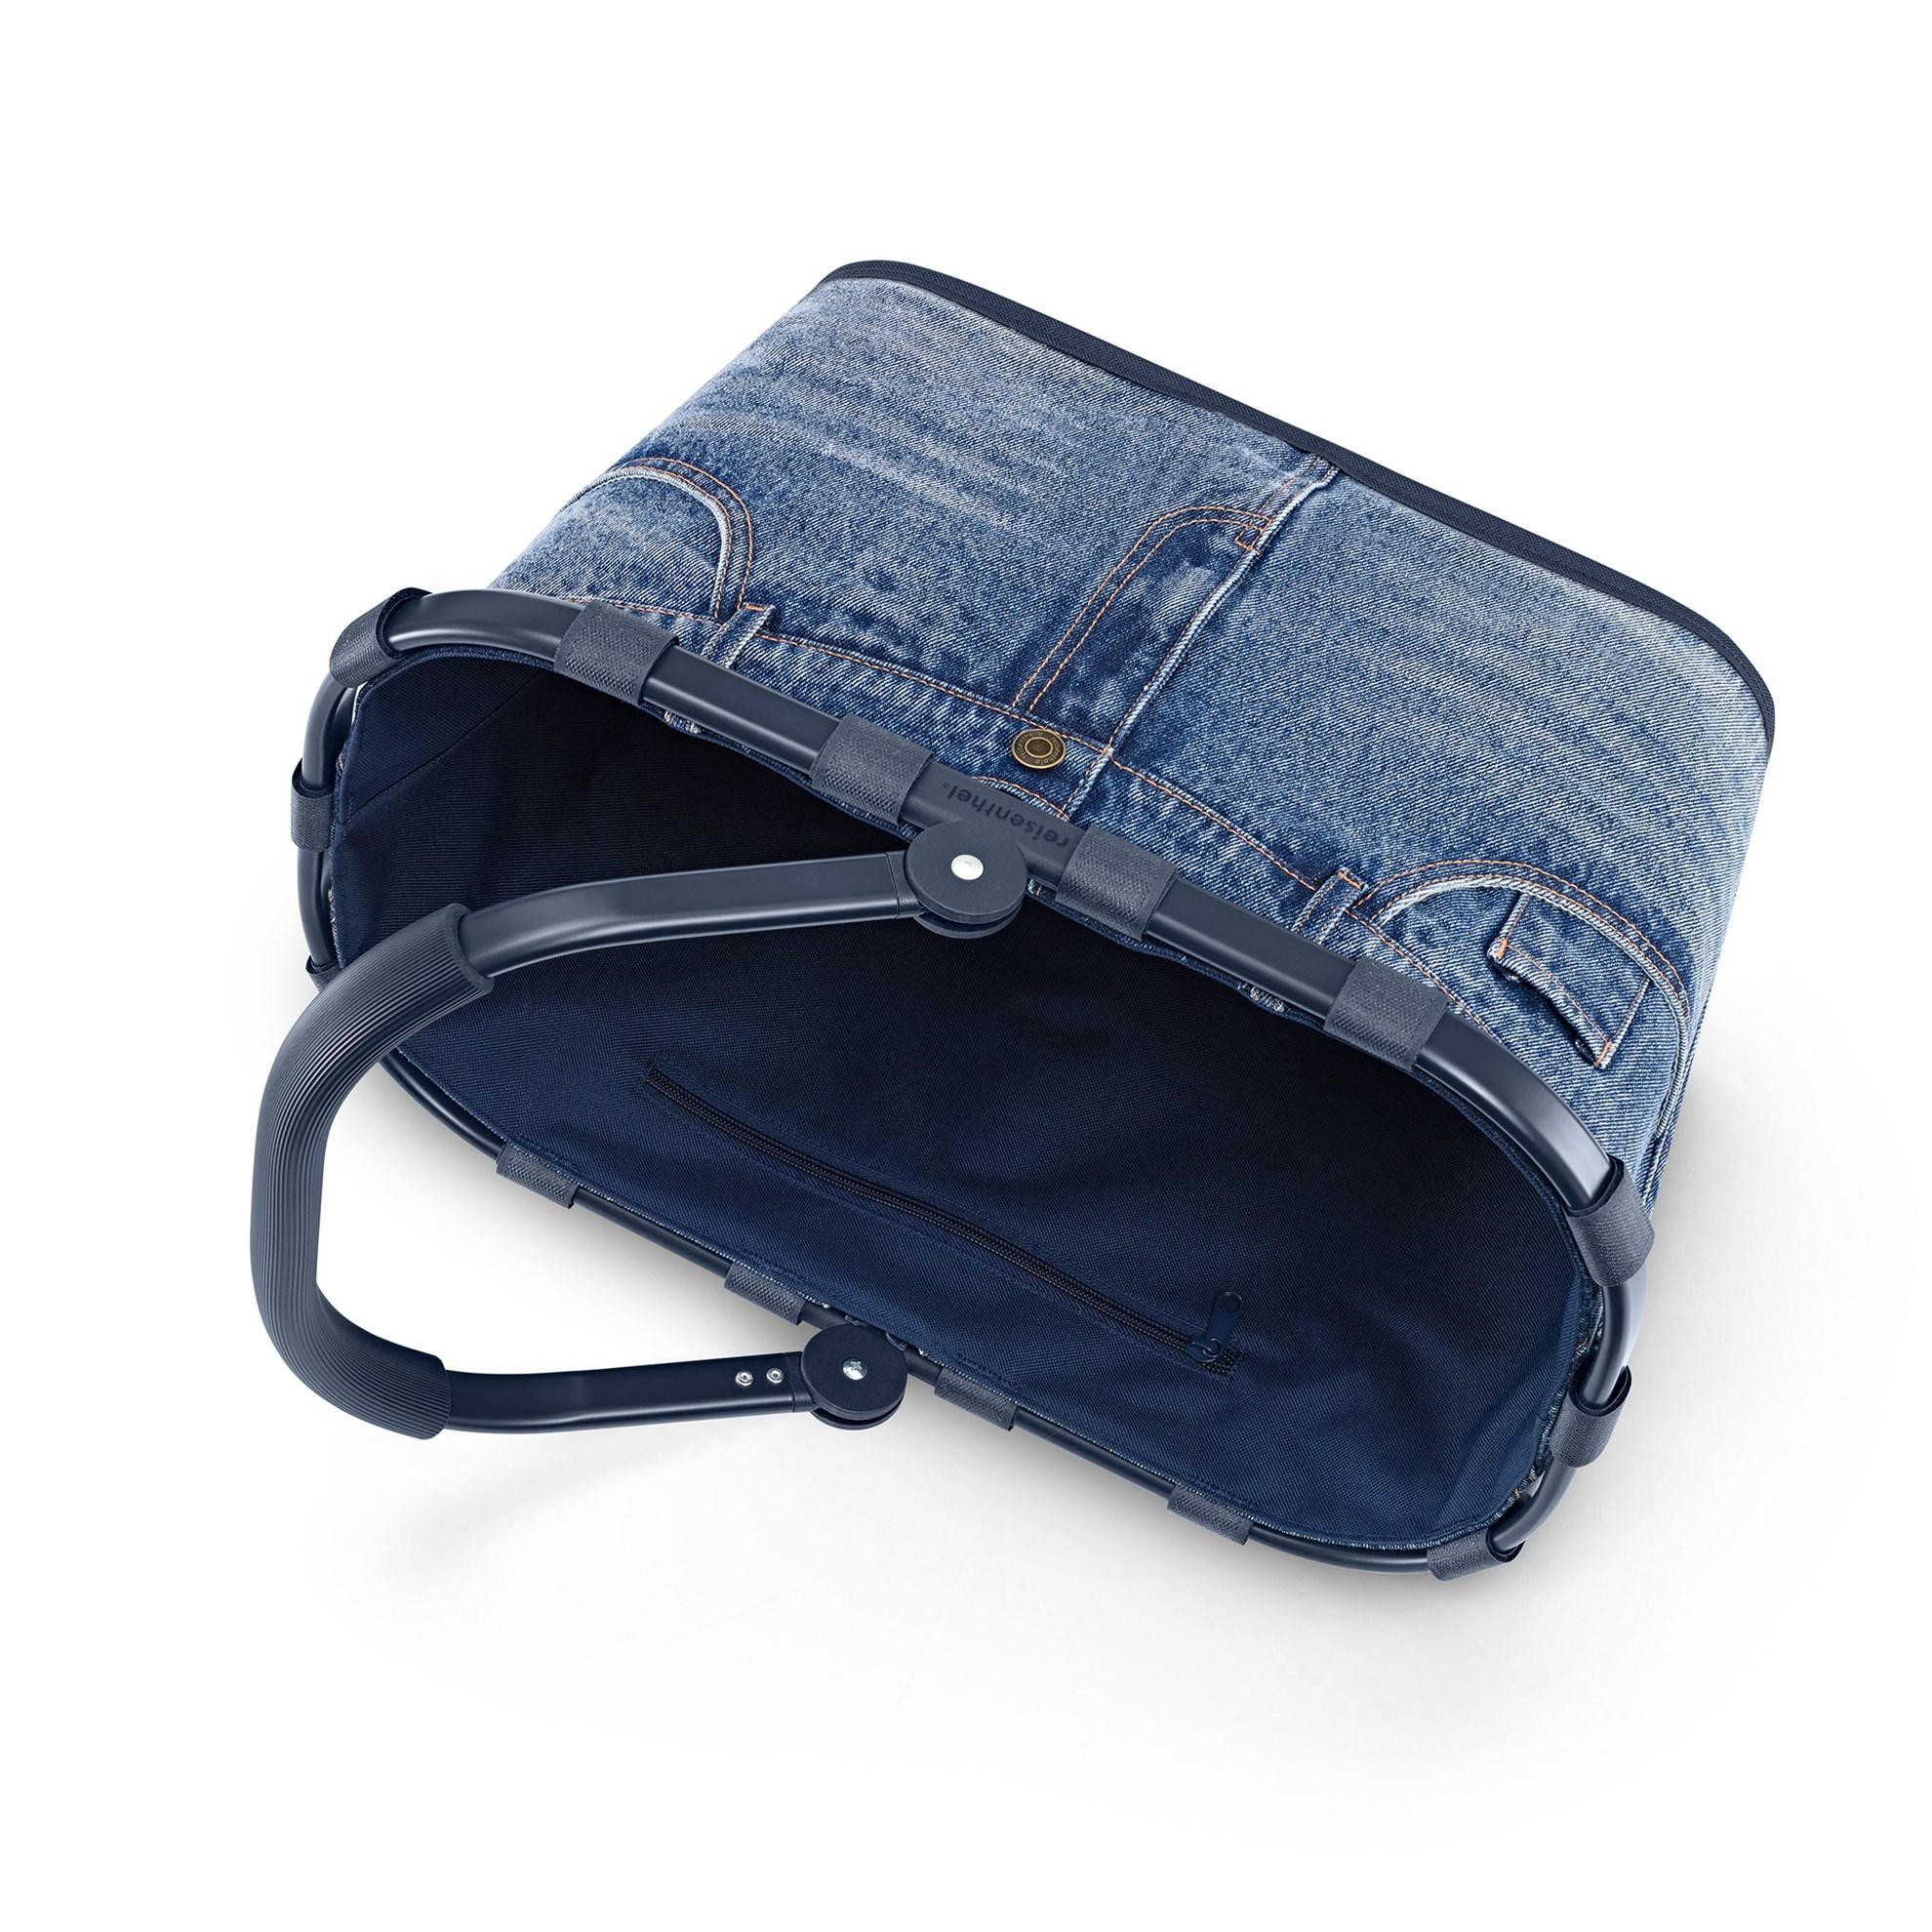 Nákupní košík Carrybag frame jeans classic blue_3